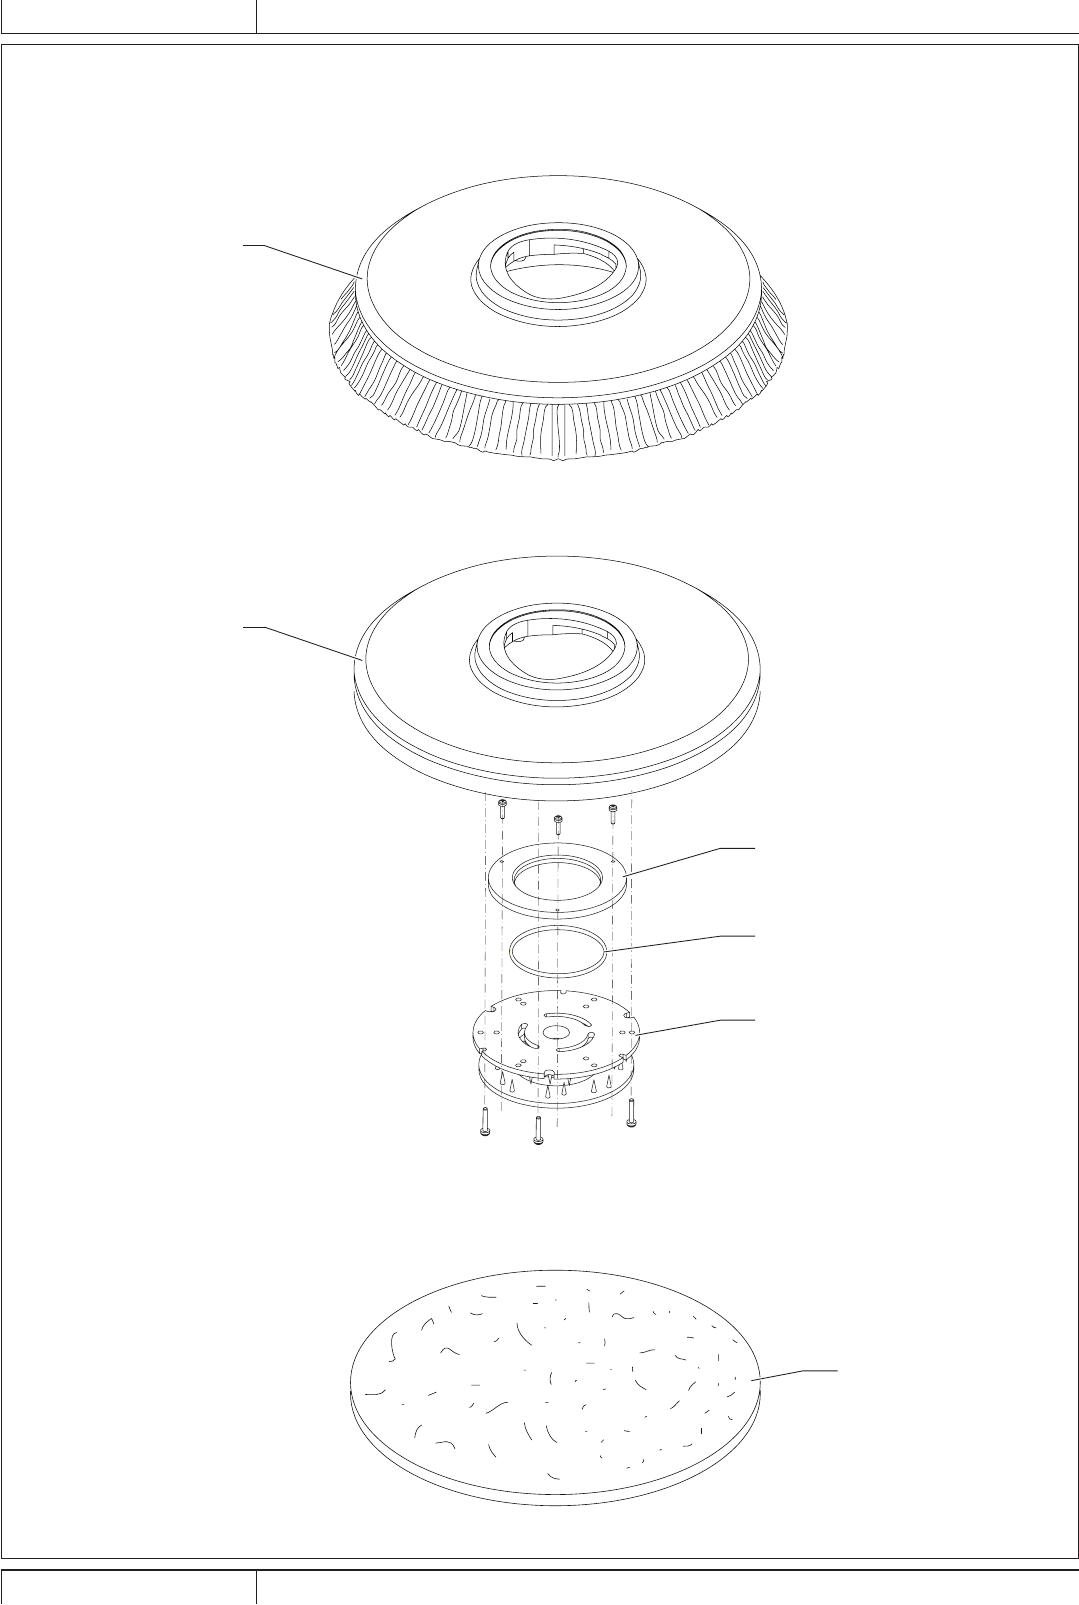 SC351 Parts Manual